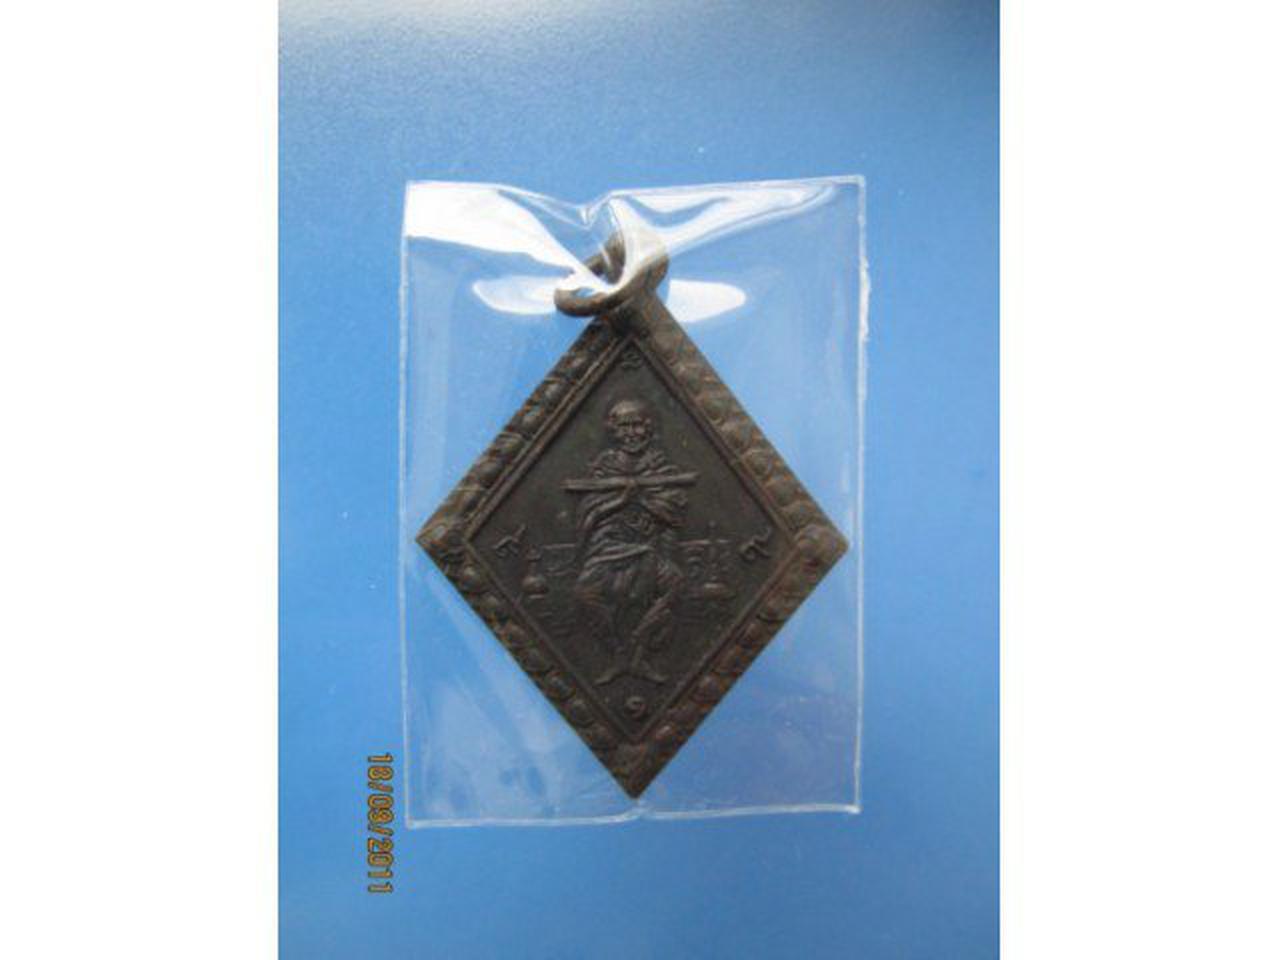 - เหรียญสมเด็จพุฒาจารย์โต ปี2499 หลวงปู่นาคปลุกเสก  รูปที่ 2